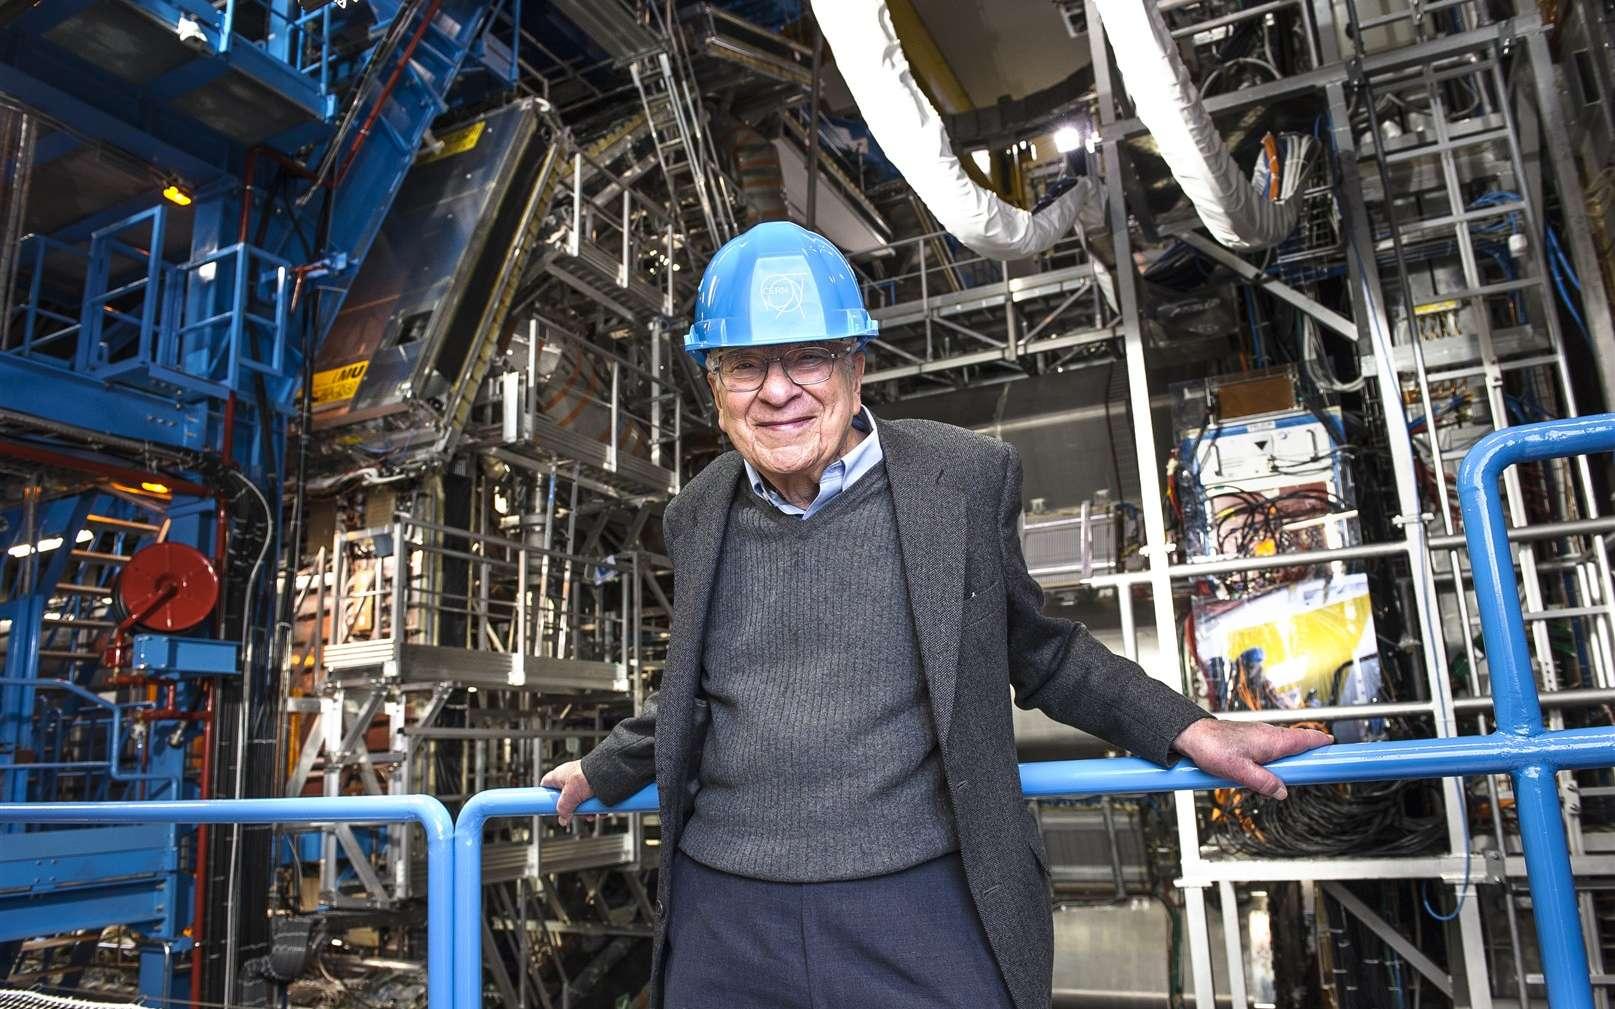 Murray Gell-Mann en visite au Cern en janvier 2013. Le prix Nobel de physique se tient devant le détecteur Atlas. C'est l'un des principaux architectes du modèle standard des particules élémentaires. Ses travaux portent aussi sur la cosmologie quantique, et il est à l'origine de l'institut de Santa Fe (Santa Fe Institute, ou SFI), un institut de recherche spécialisé dans l'étude des systèmes complexes. © Maximilien Brice, Cern